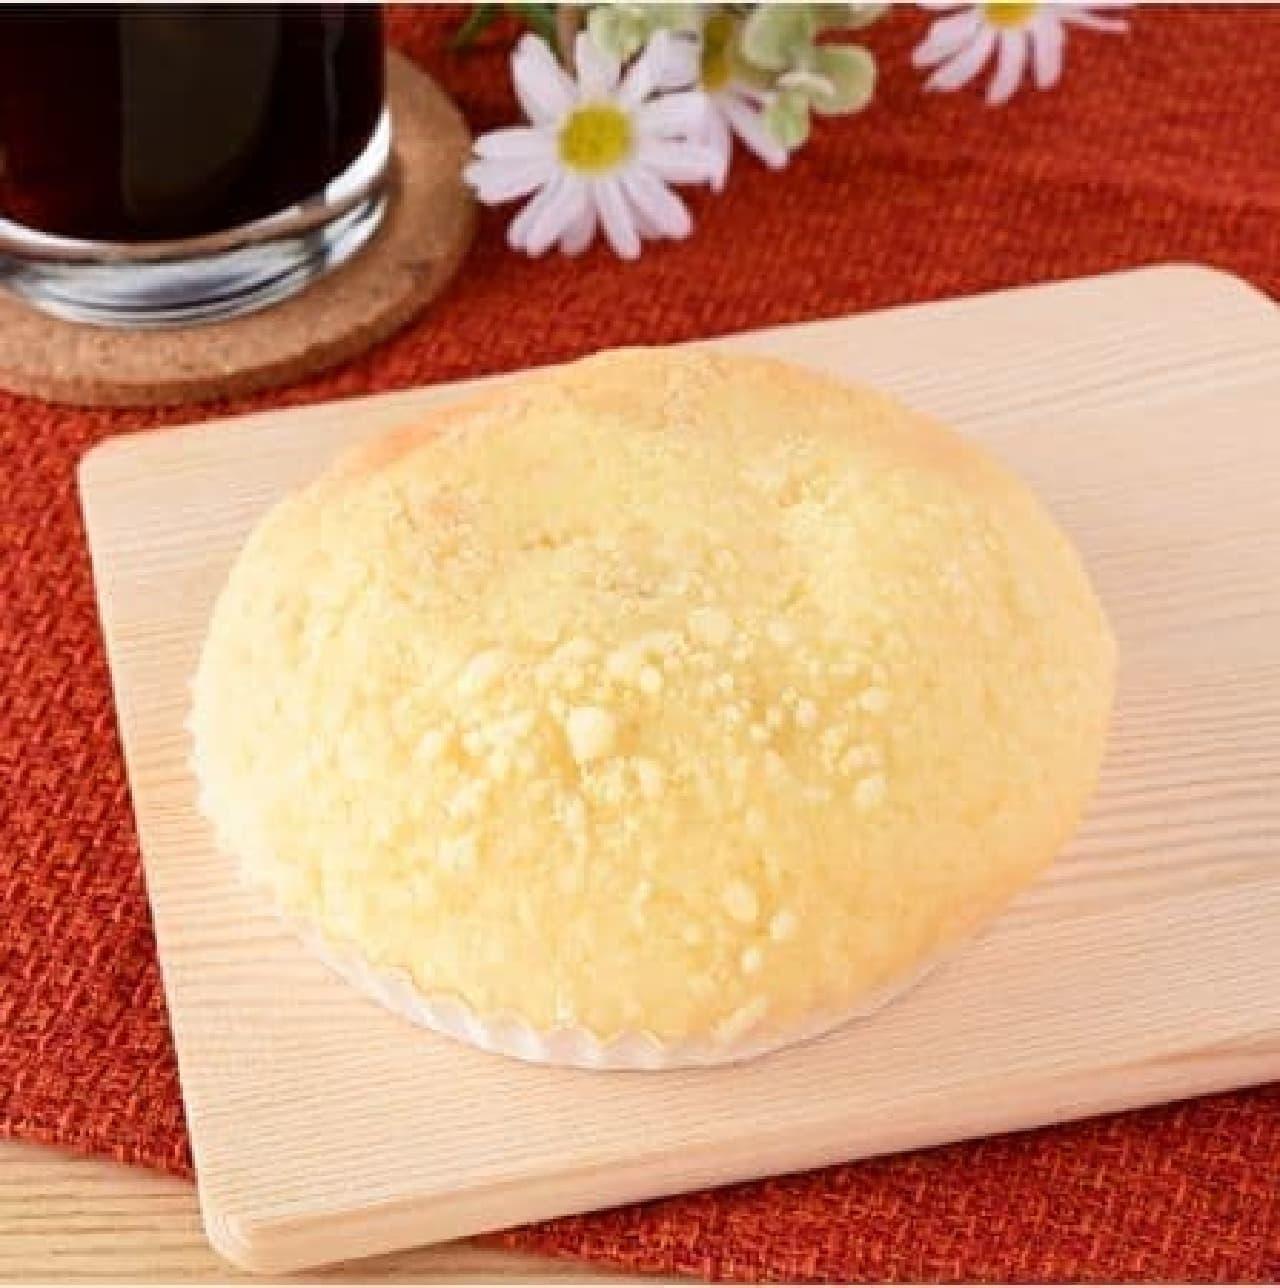 ファミリーマート「塩バタークッキーパン(ブルターニュ産発酵バター)」